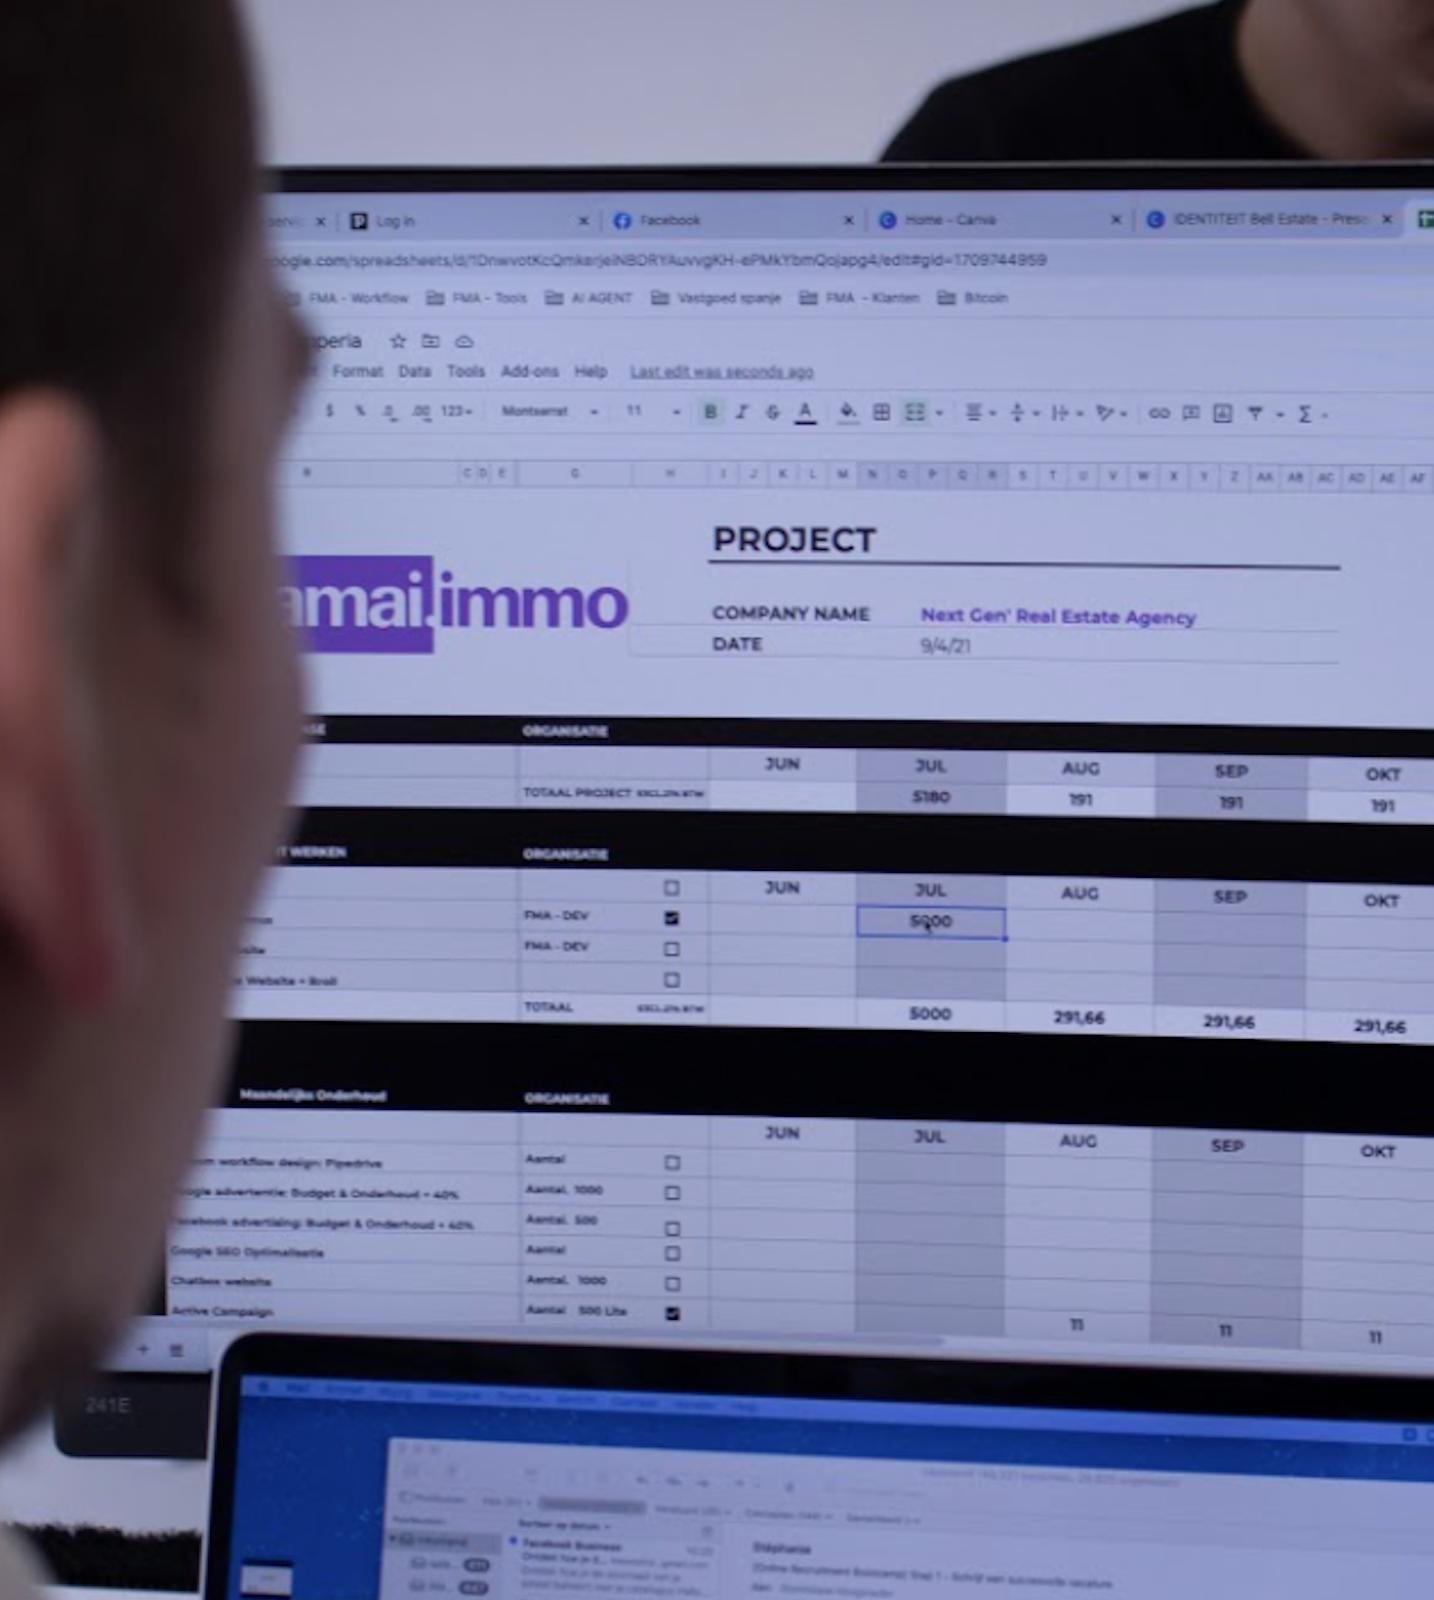 Marketing Automatisatie Bureau voor vastgoedbedrijven en projectontwikkelaars - AMAI.IMMO